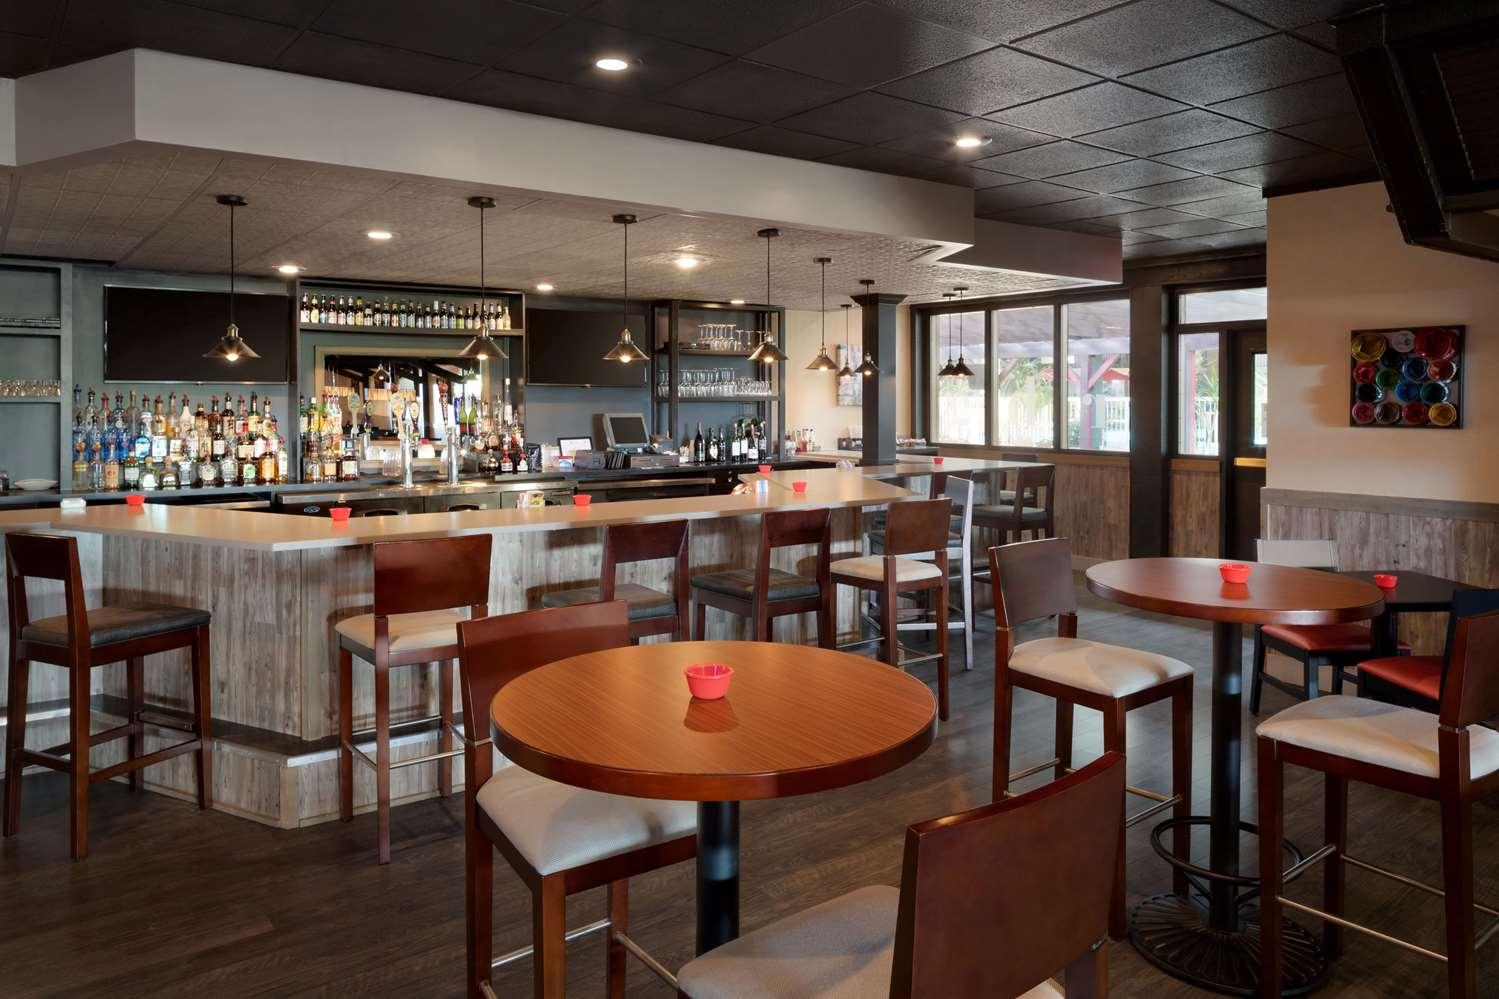 Bar - Ramada Inn Uniontown